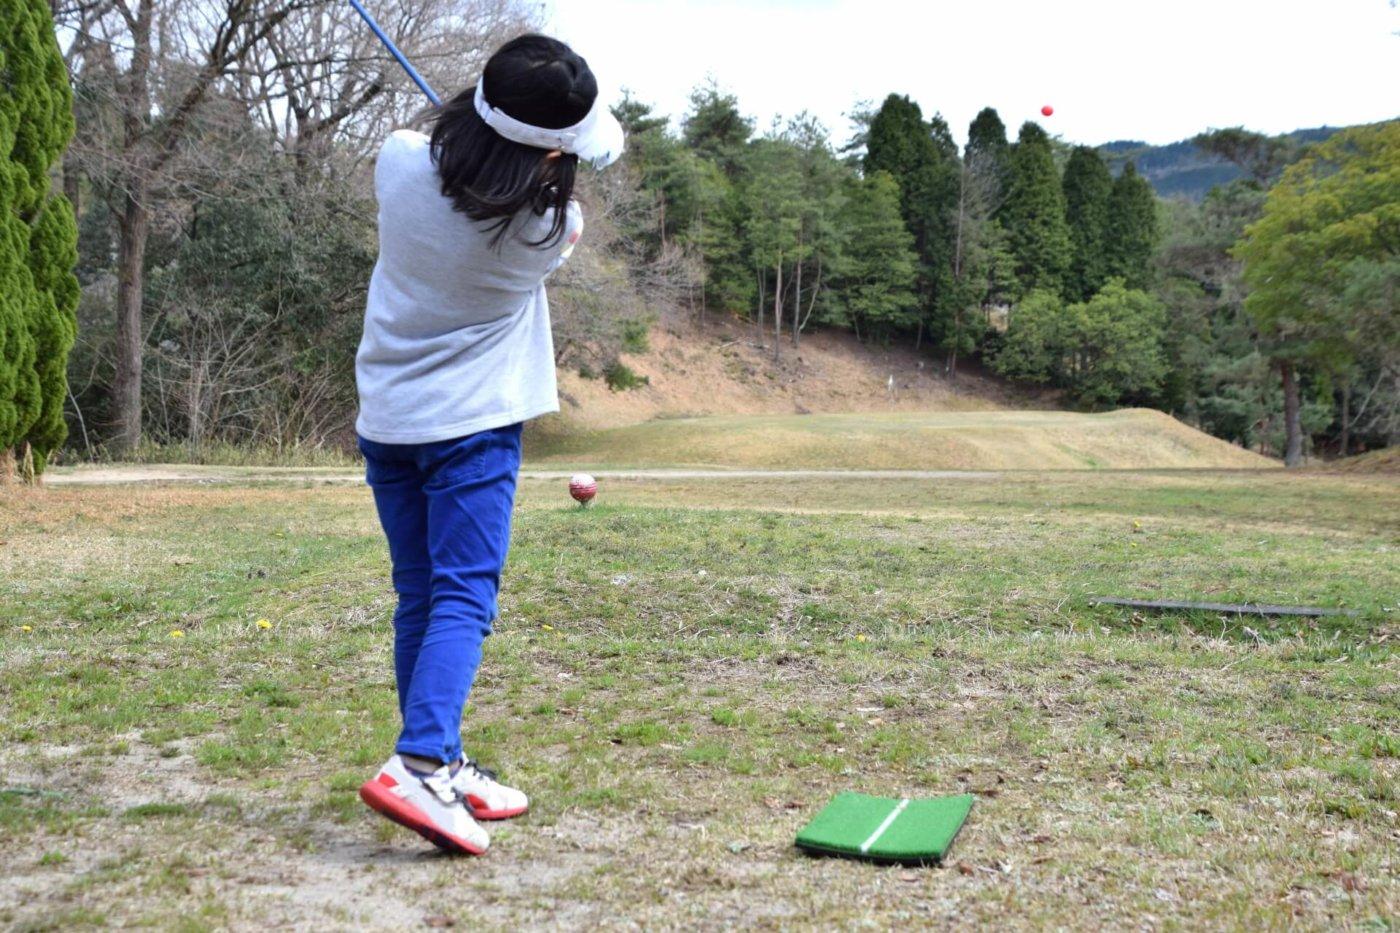 胴体軸をしっかり意識するのがゴルフスイングの基本